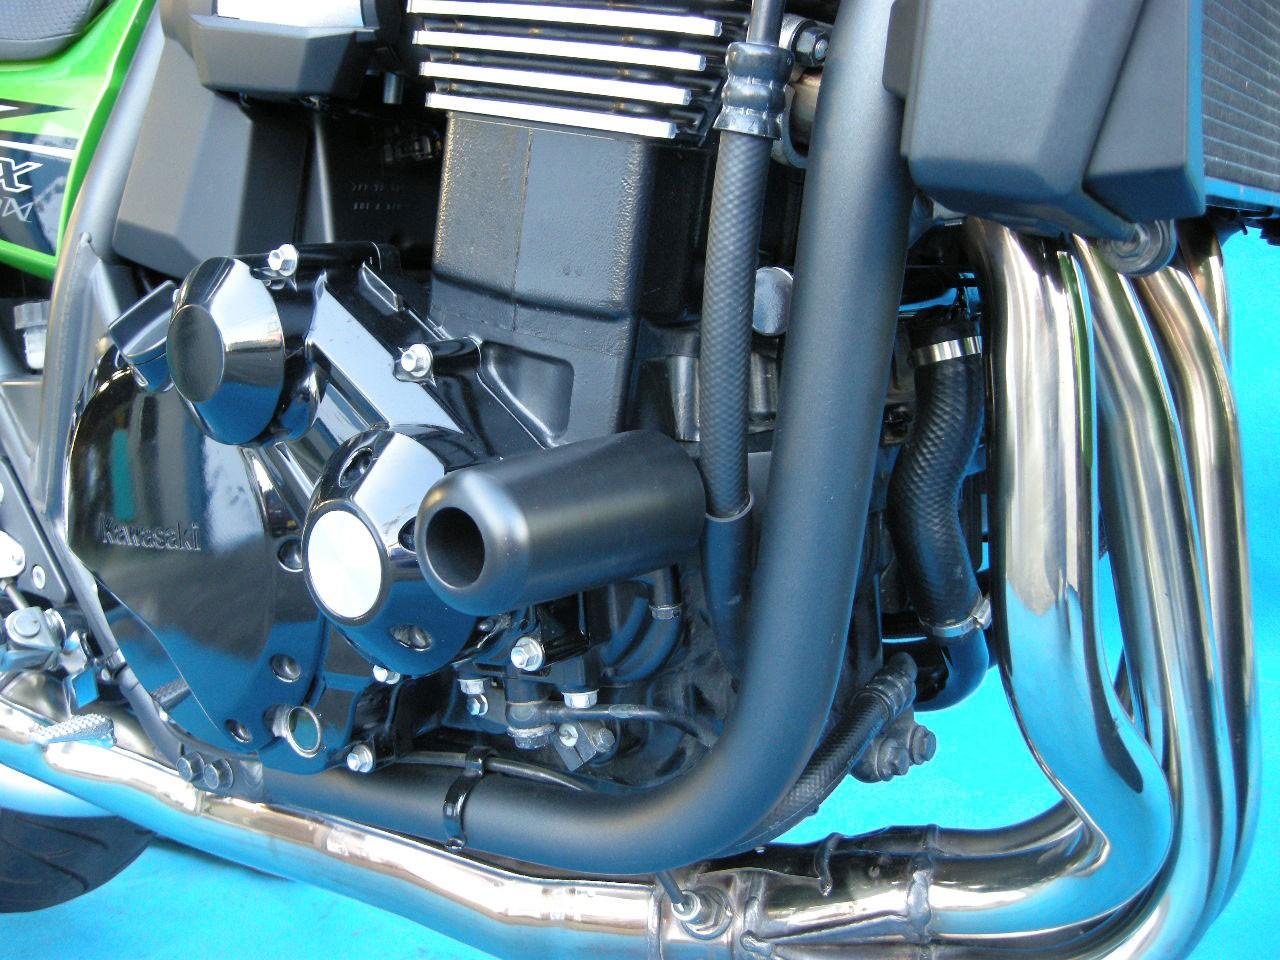 クラッシュプロテクター 黒色 BATTLE FACTORY(バトルファクトリー) ZRX1200 DAEG(ダエグ)